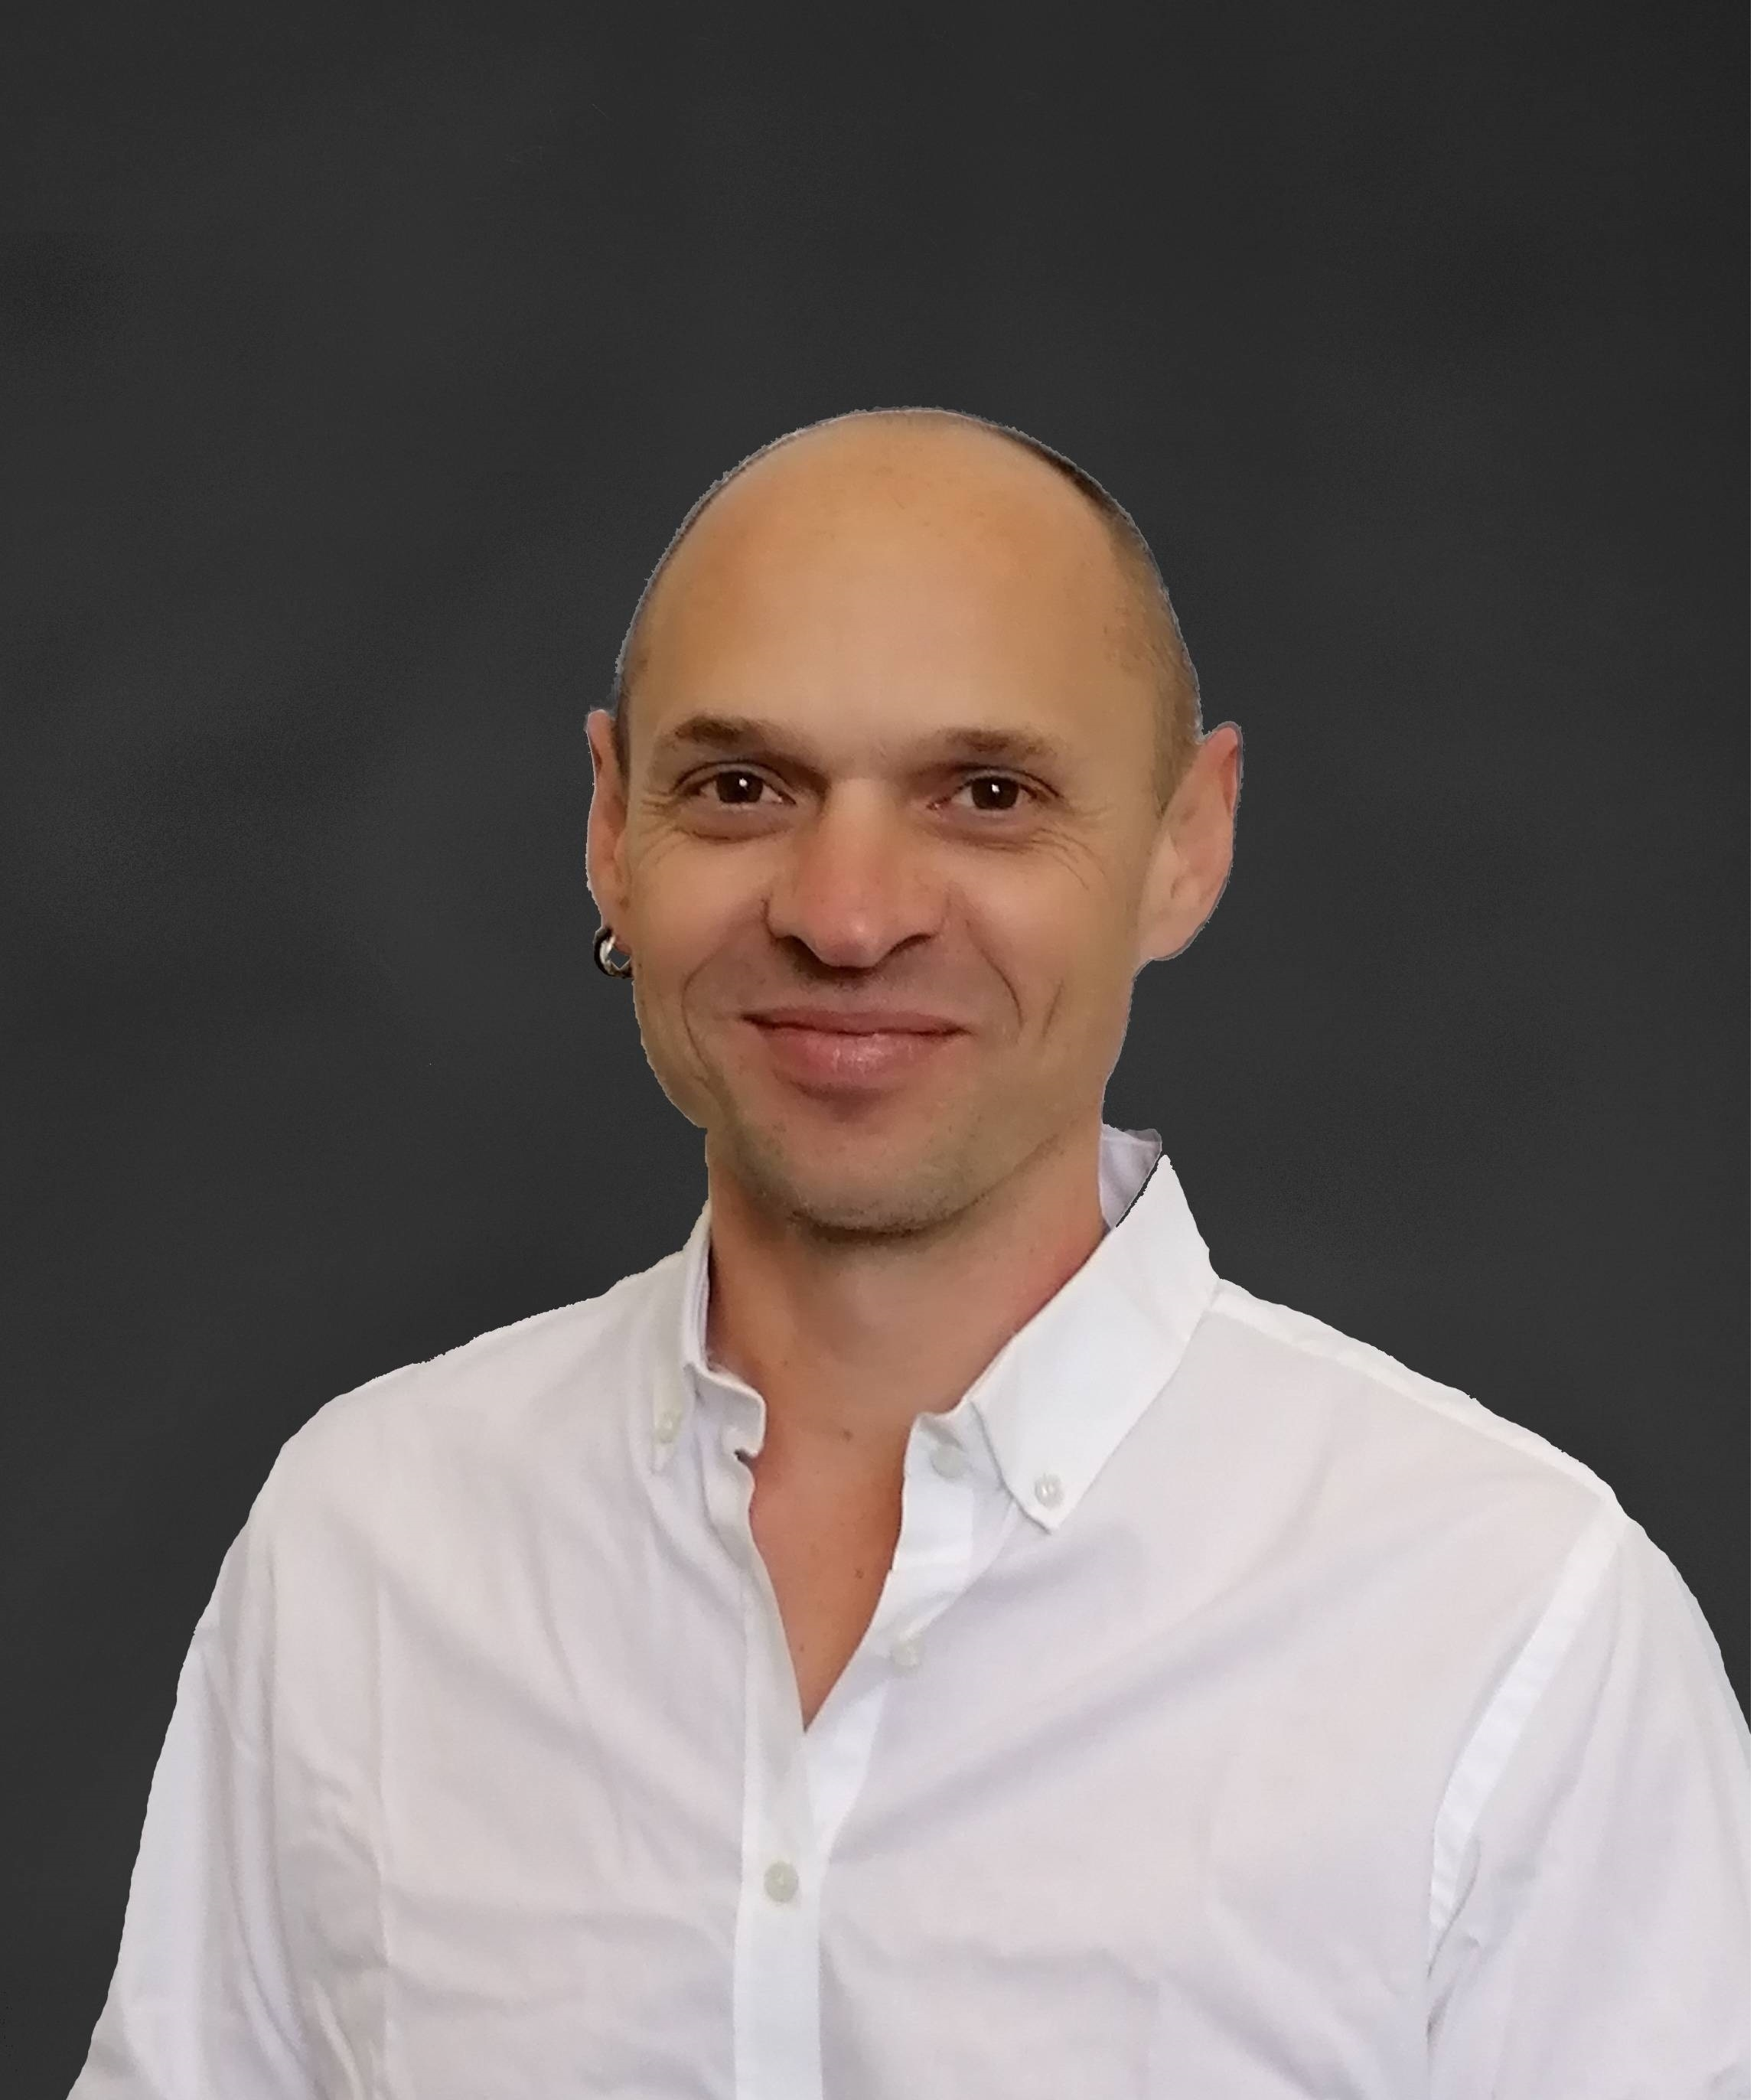 Rolf Schlegel